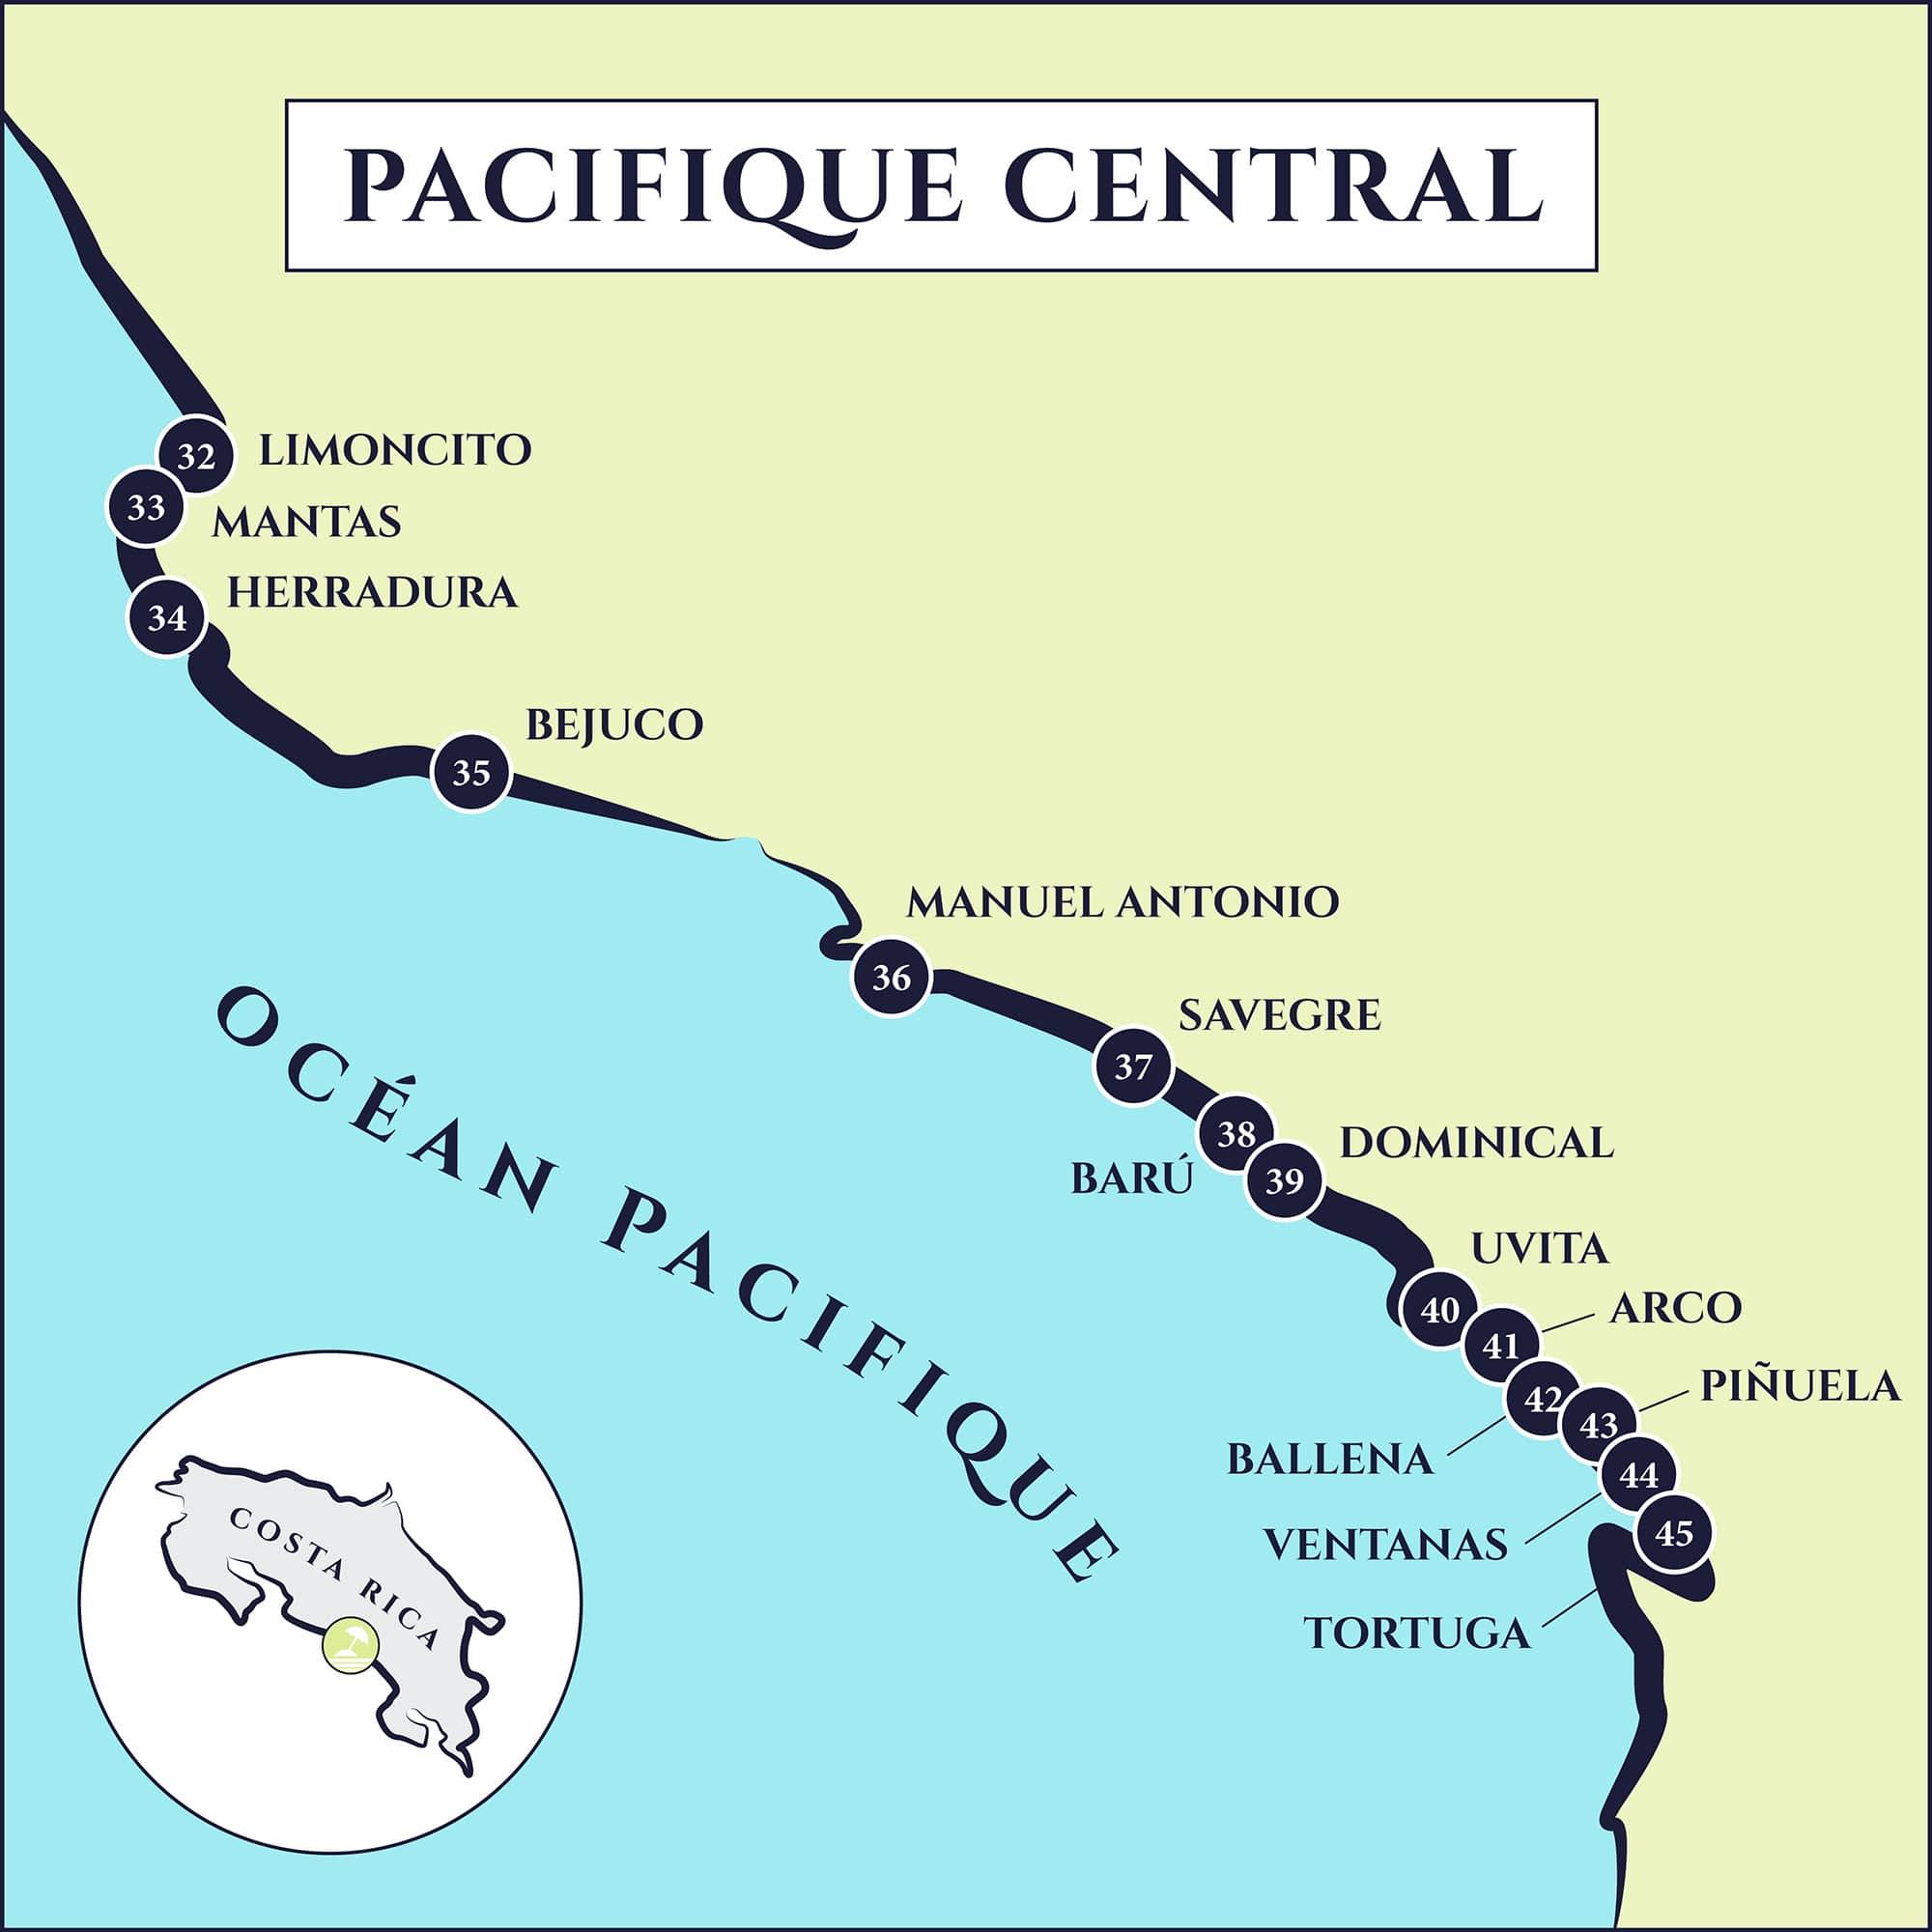 cartes plages Pacifique Central